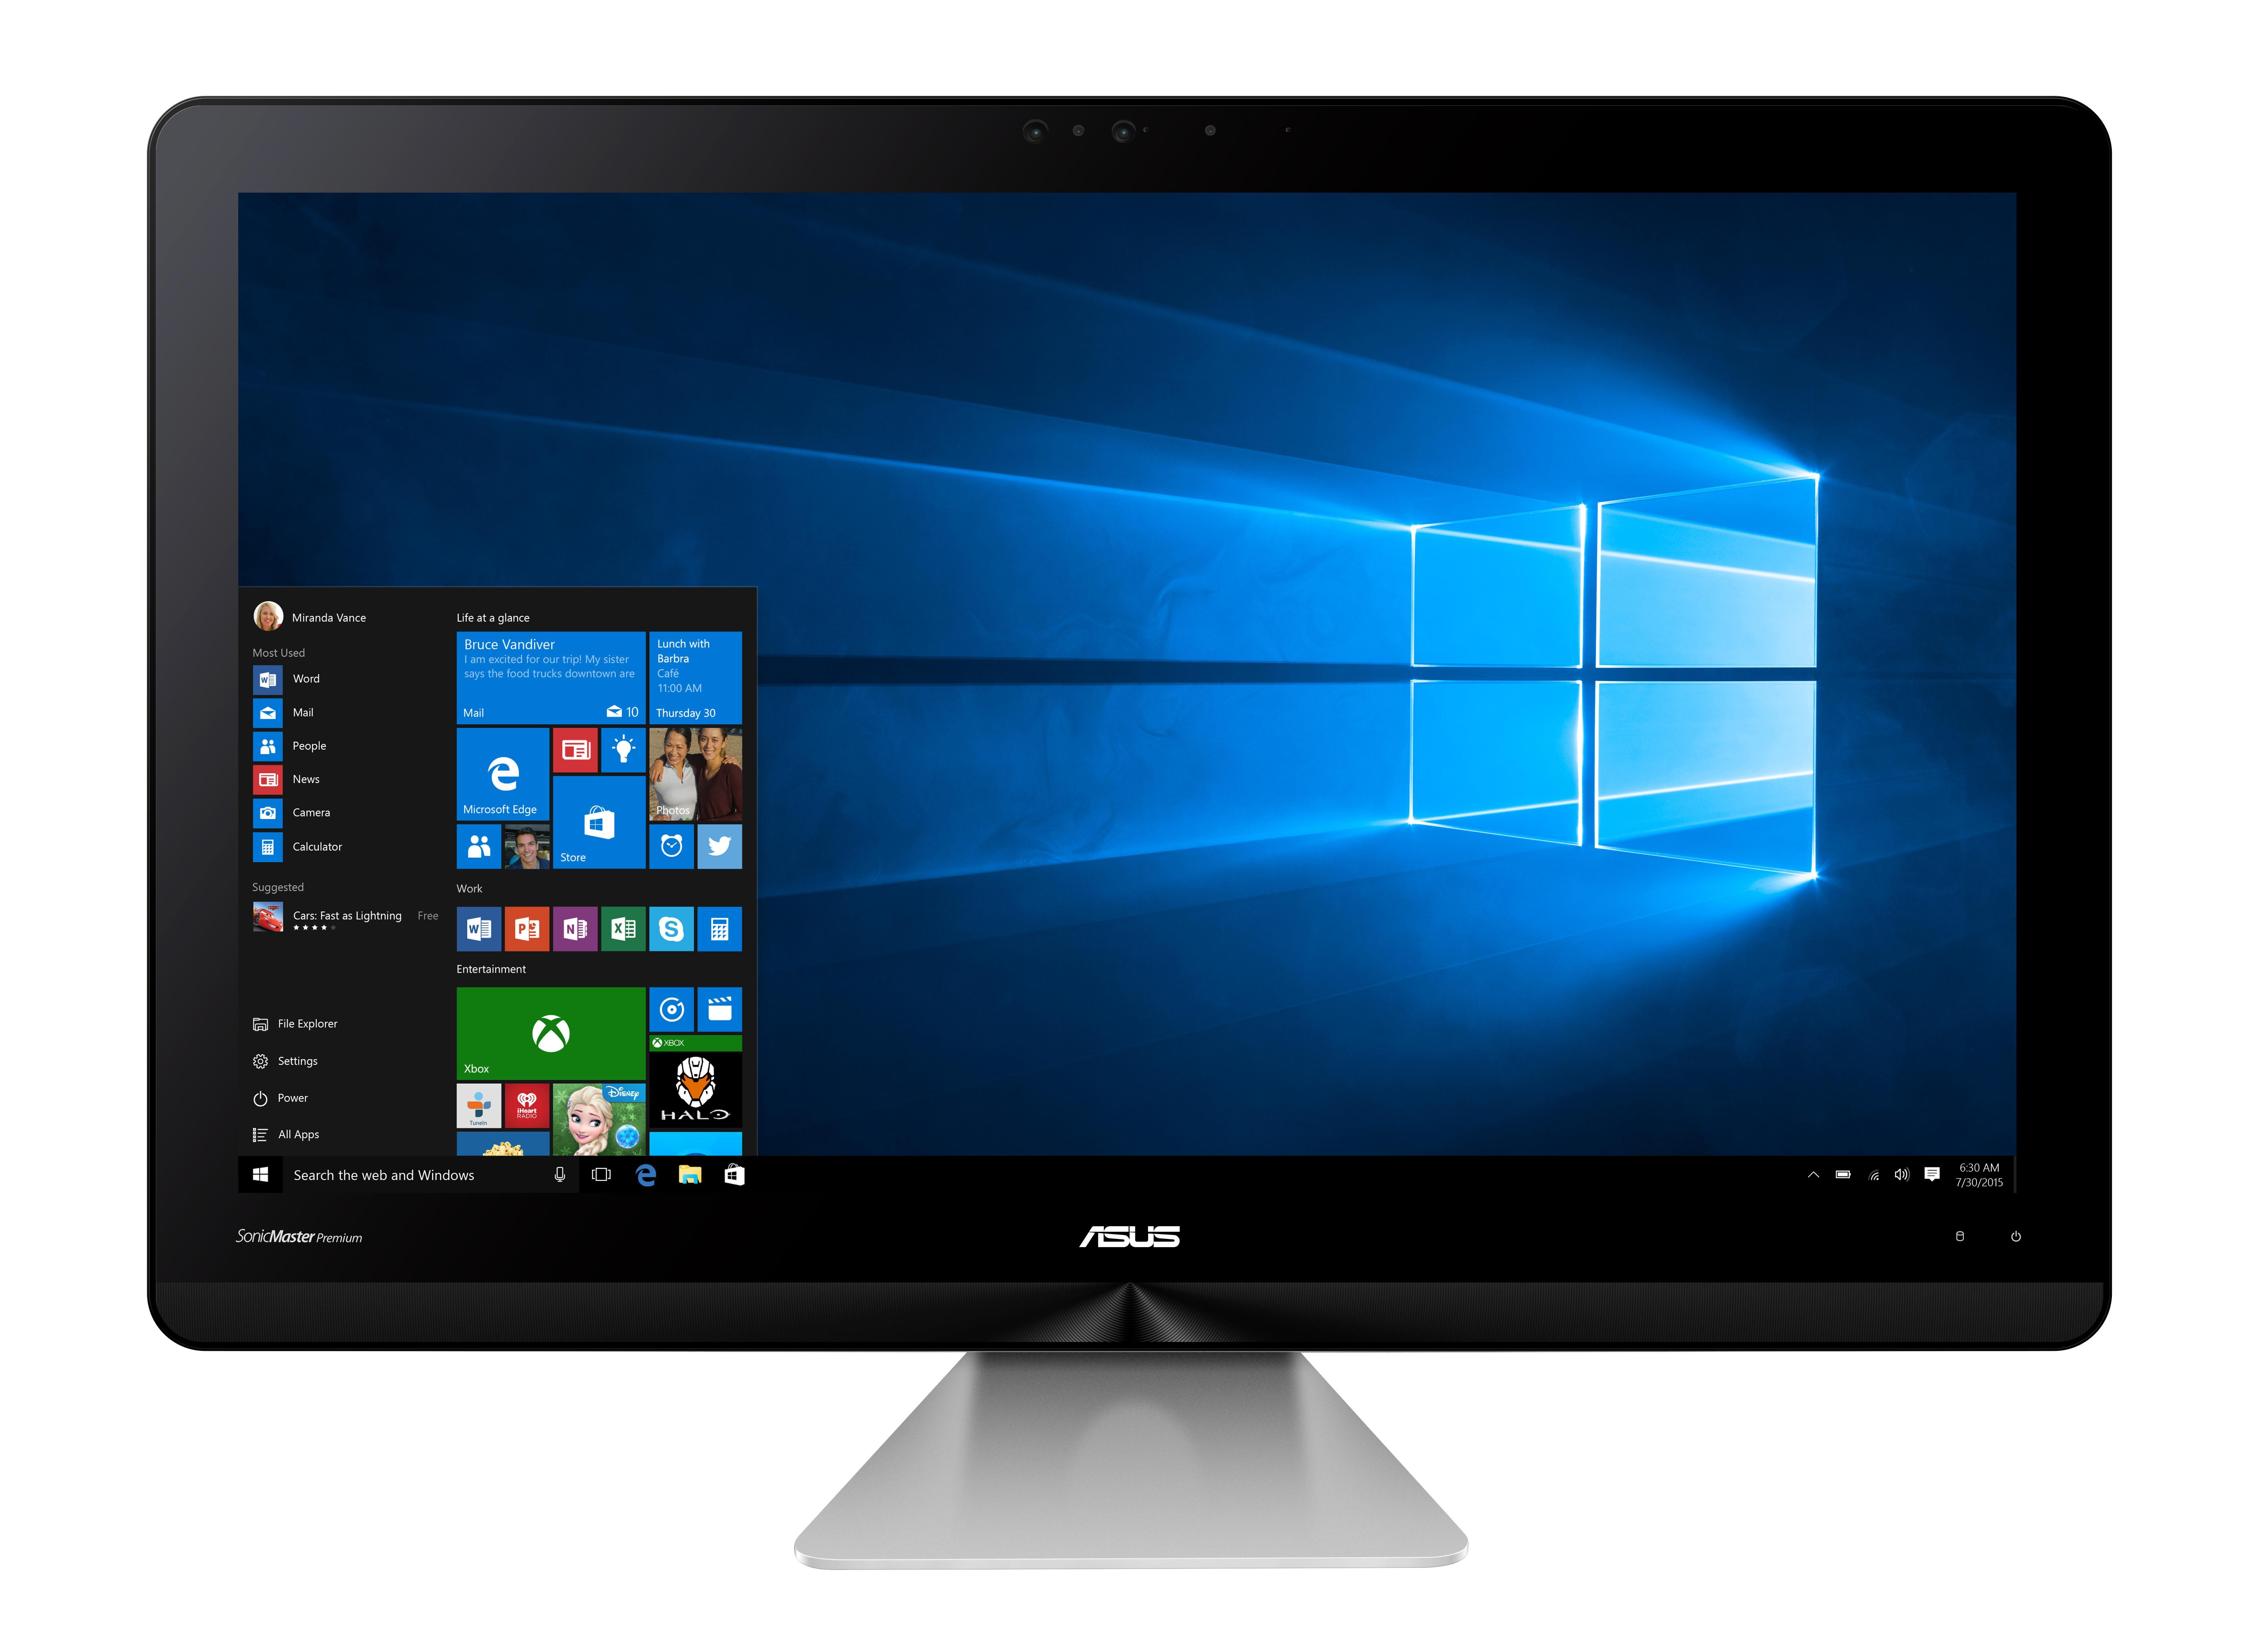 ASUS AIO ZN241 24/i5-7200U/1TB+128GB SSD/8G/W10